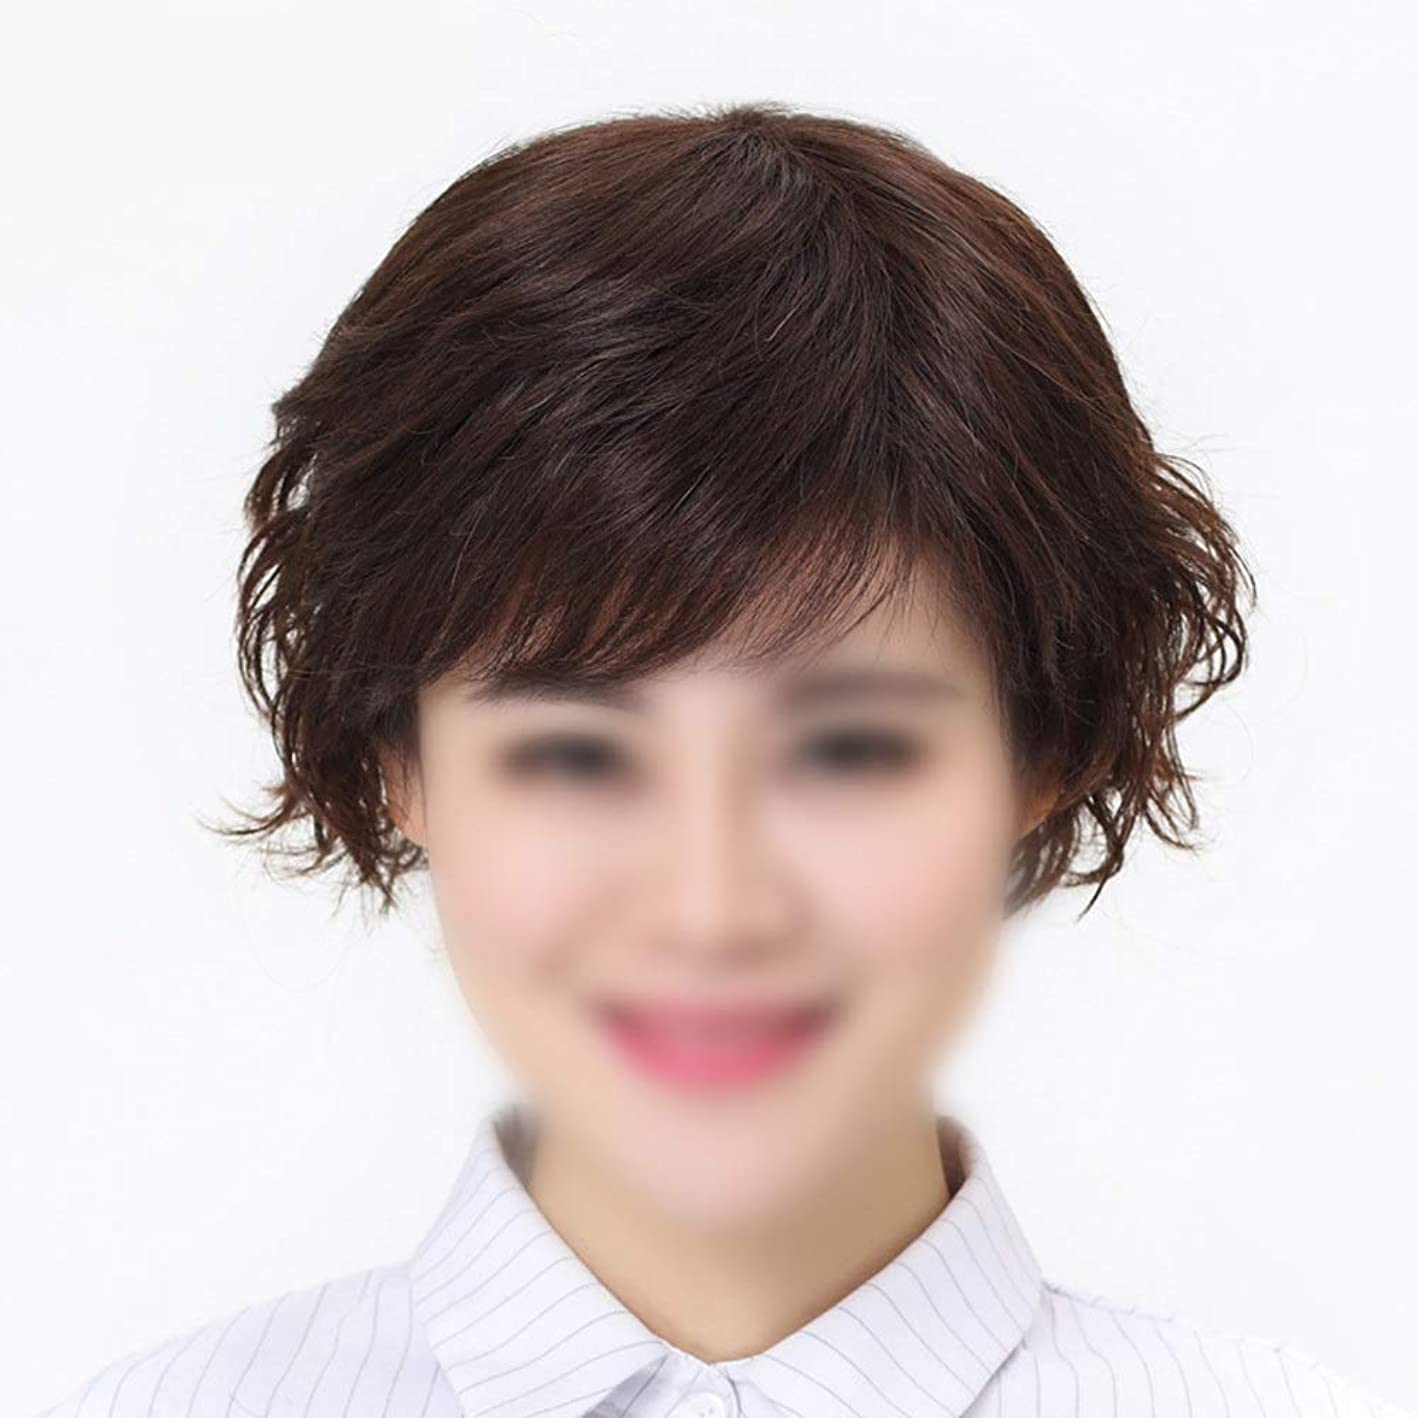 アルカトラズ島効果的浮くYrattary 本物のバージンの人間の毛髪の前髪付き人間の髪の毛の有名人のかつら女性のファッションかつらの短いスタイリッシュなかつら (Color : Dark brown, サイズ : Hand-woven heart)